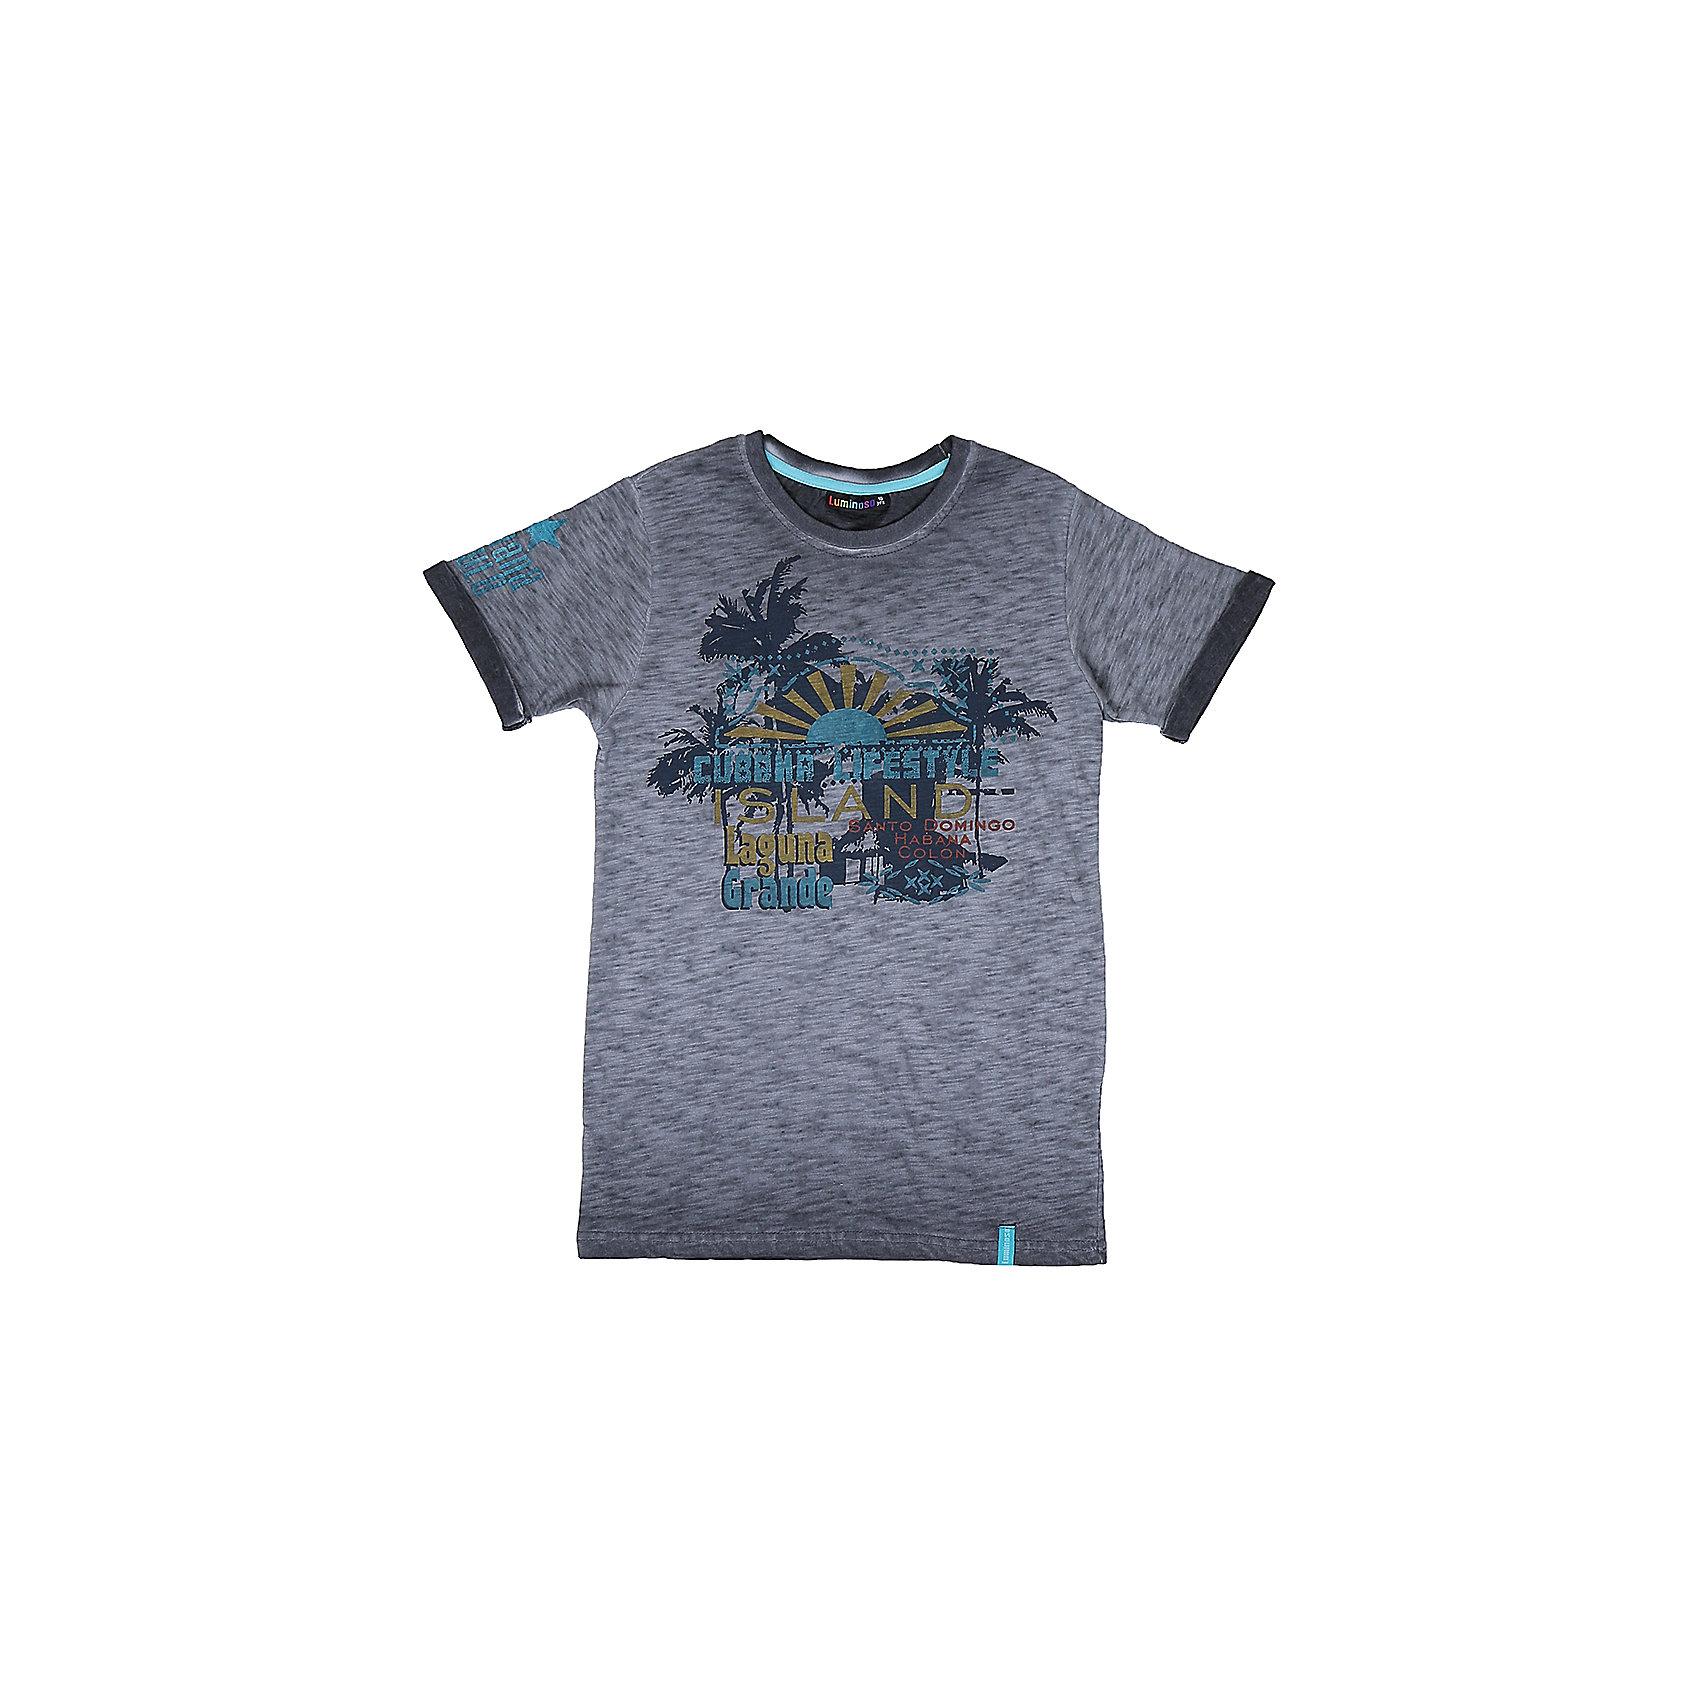 Футболка для мальчика LuminosoФутболки, поло и топы<br>Стильная футболка из трикотажной ткани для мальчика с коротким рукавом. Декорирована ярким принтом<br>Состав:<br>95%хлопок 5%эластан<br><br>Ширина мм: 199<br>Глубина мм: 10<br>Высота мм: 161<br>Вес г: 151<br>Цвет: серый<br>Возраст от месяцев: 96<br>Возраст до месяцев: 108<br>Пол: Мужской<br>Возраст: Детский<br>Размер: 134,140,146,152,158,164<br>SKU: 5409810